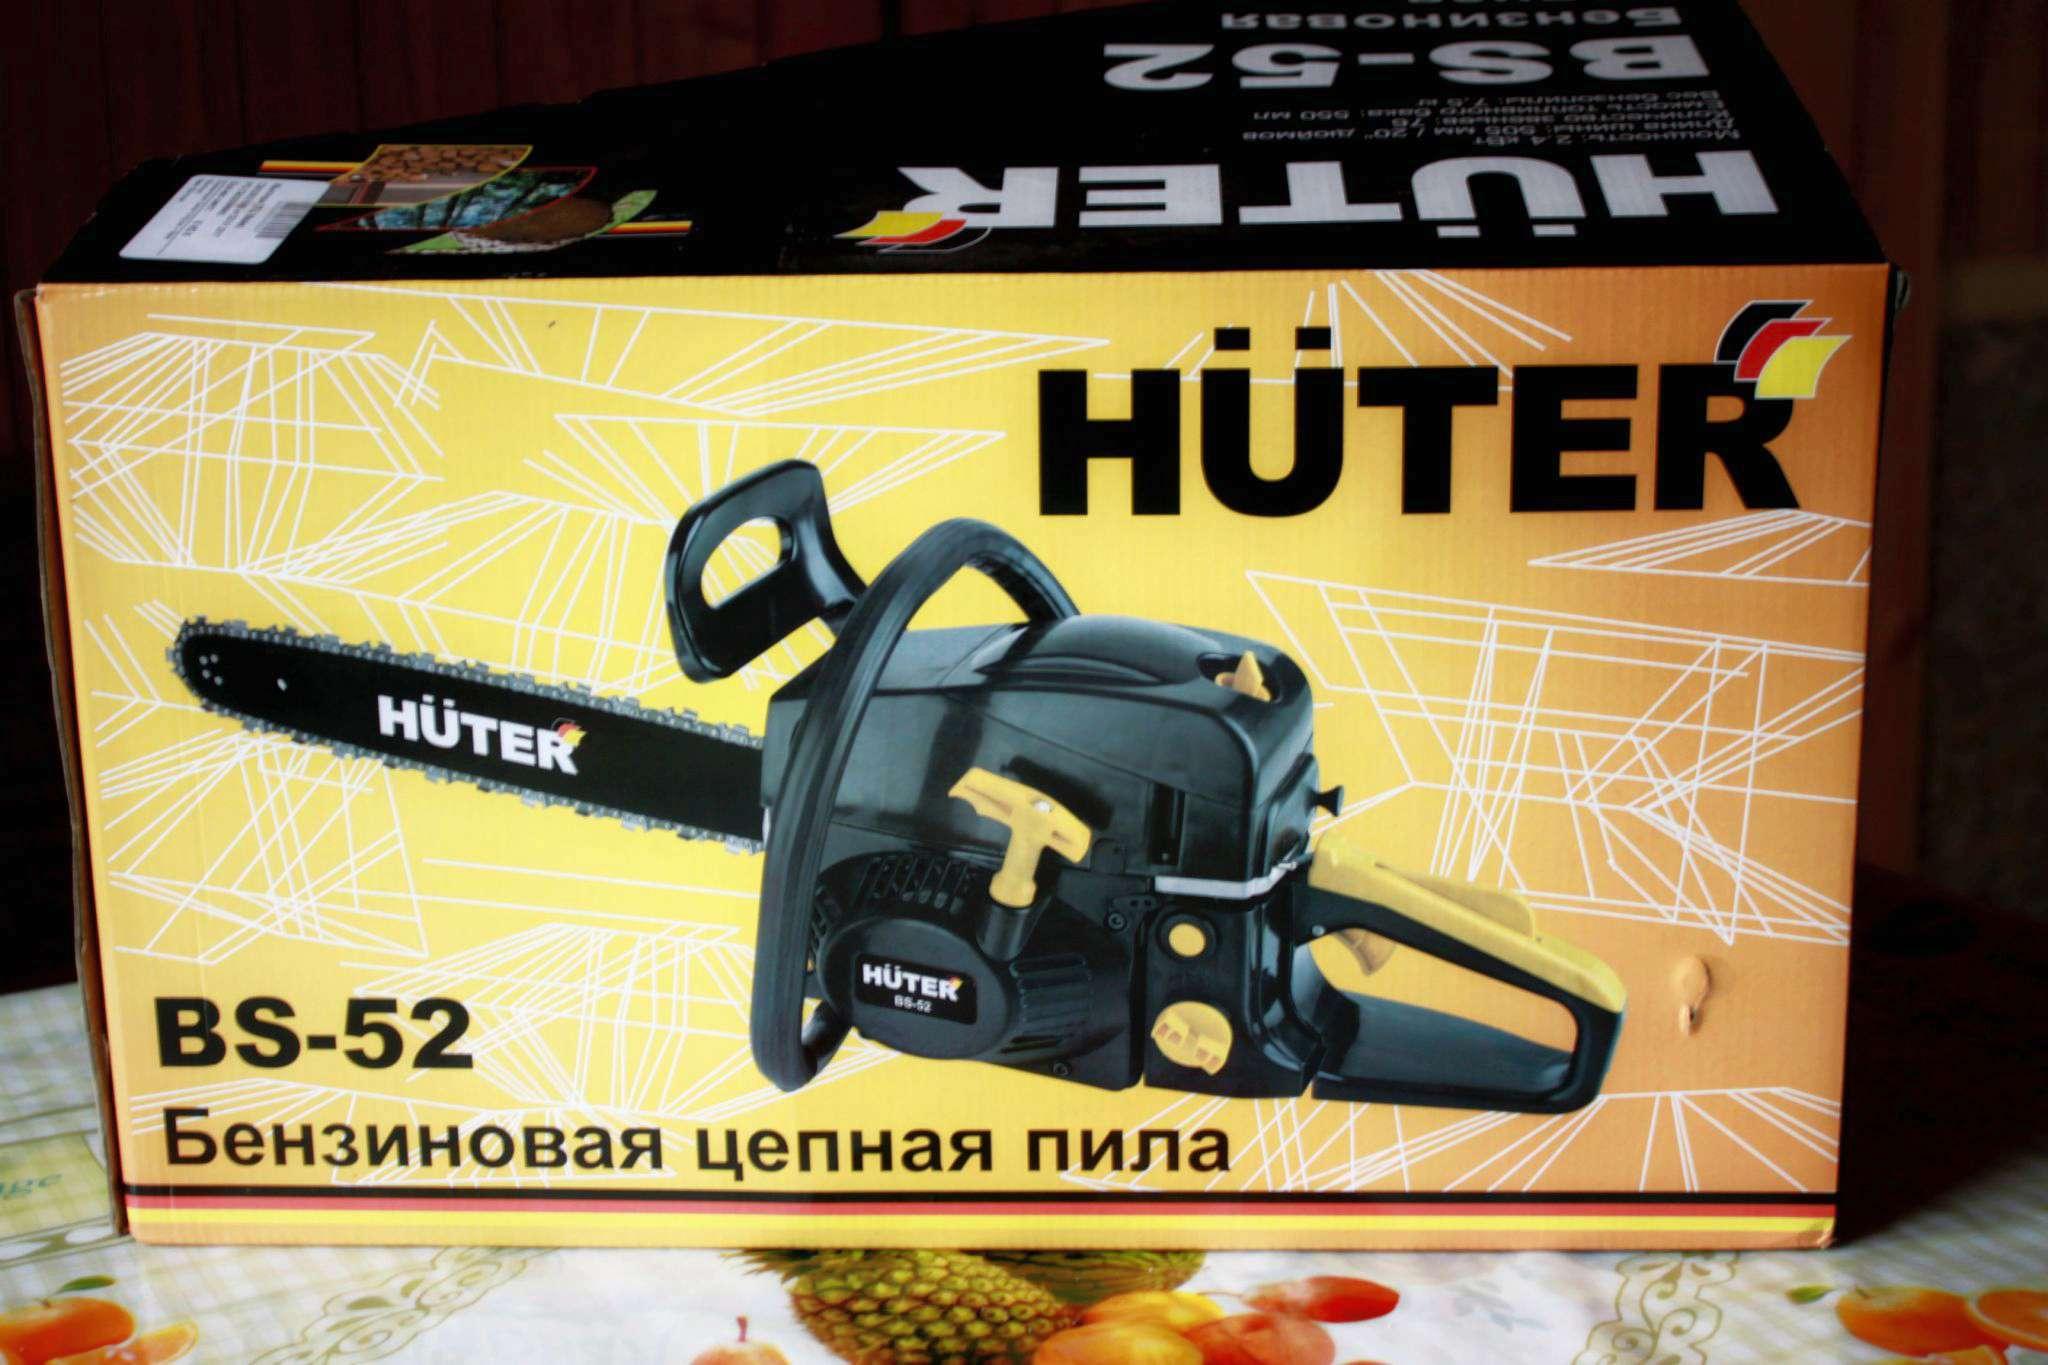 Бензопила huter bs 52: обзор, инструкция, отзывы